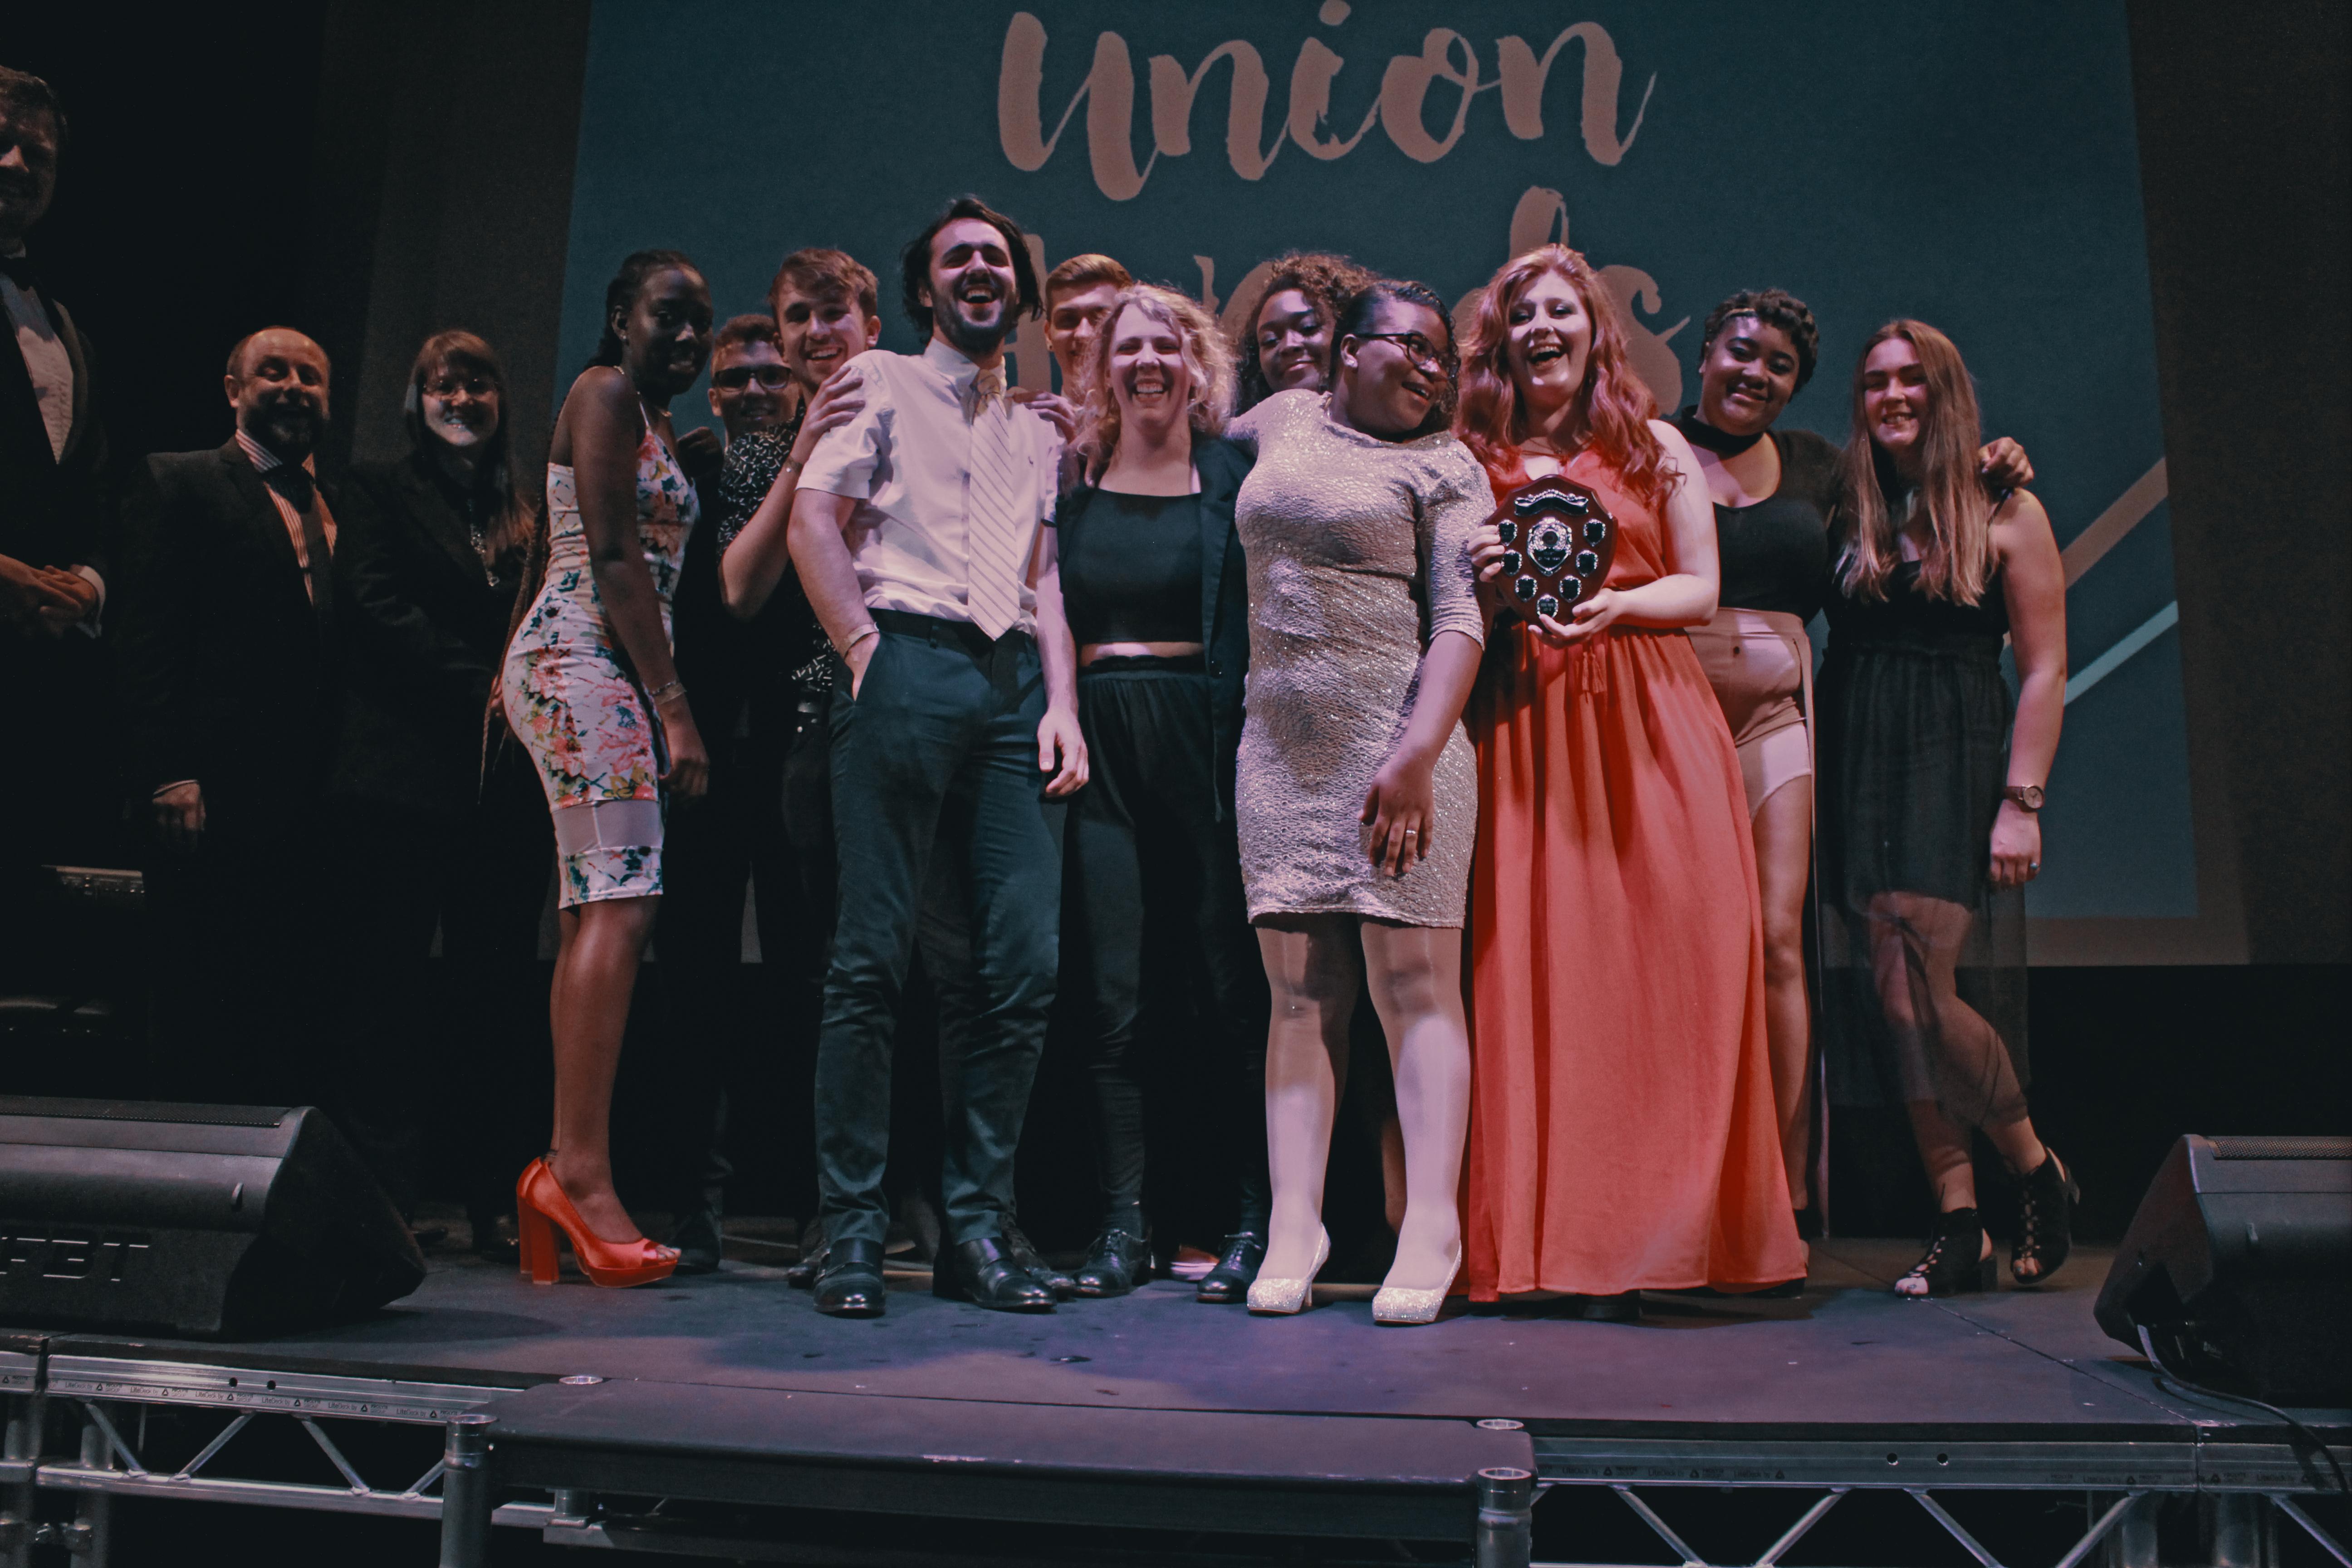 Union awards 38